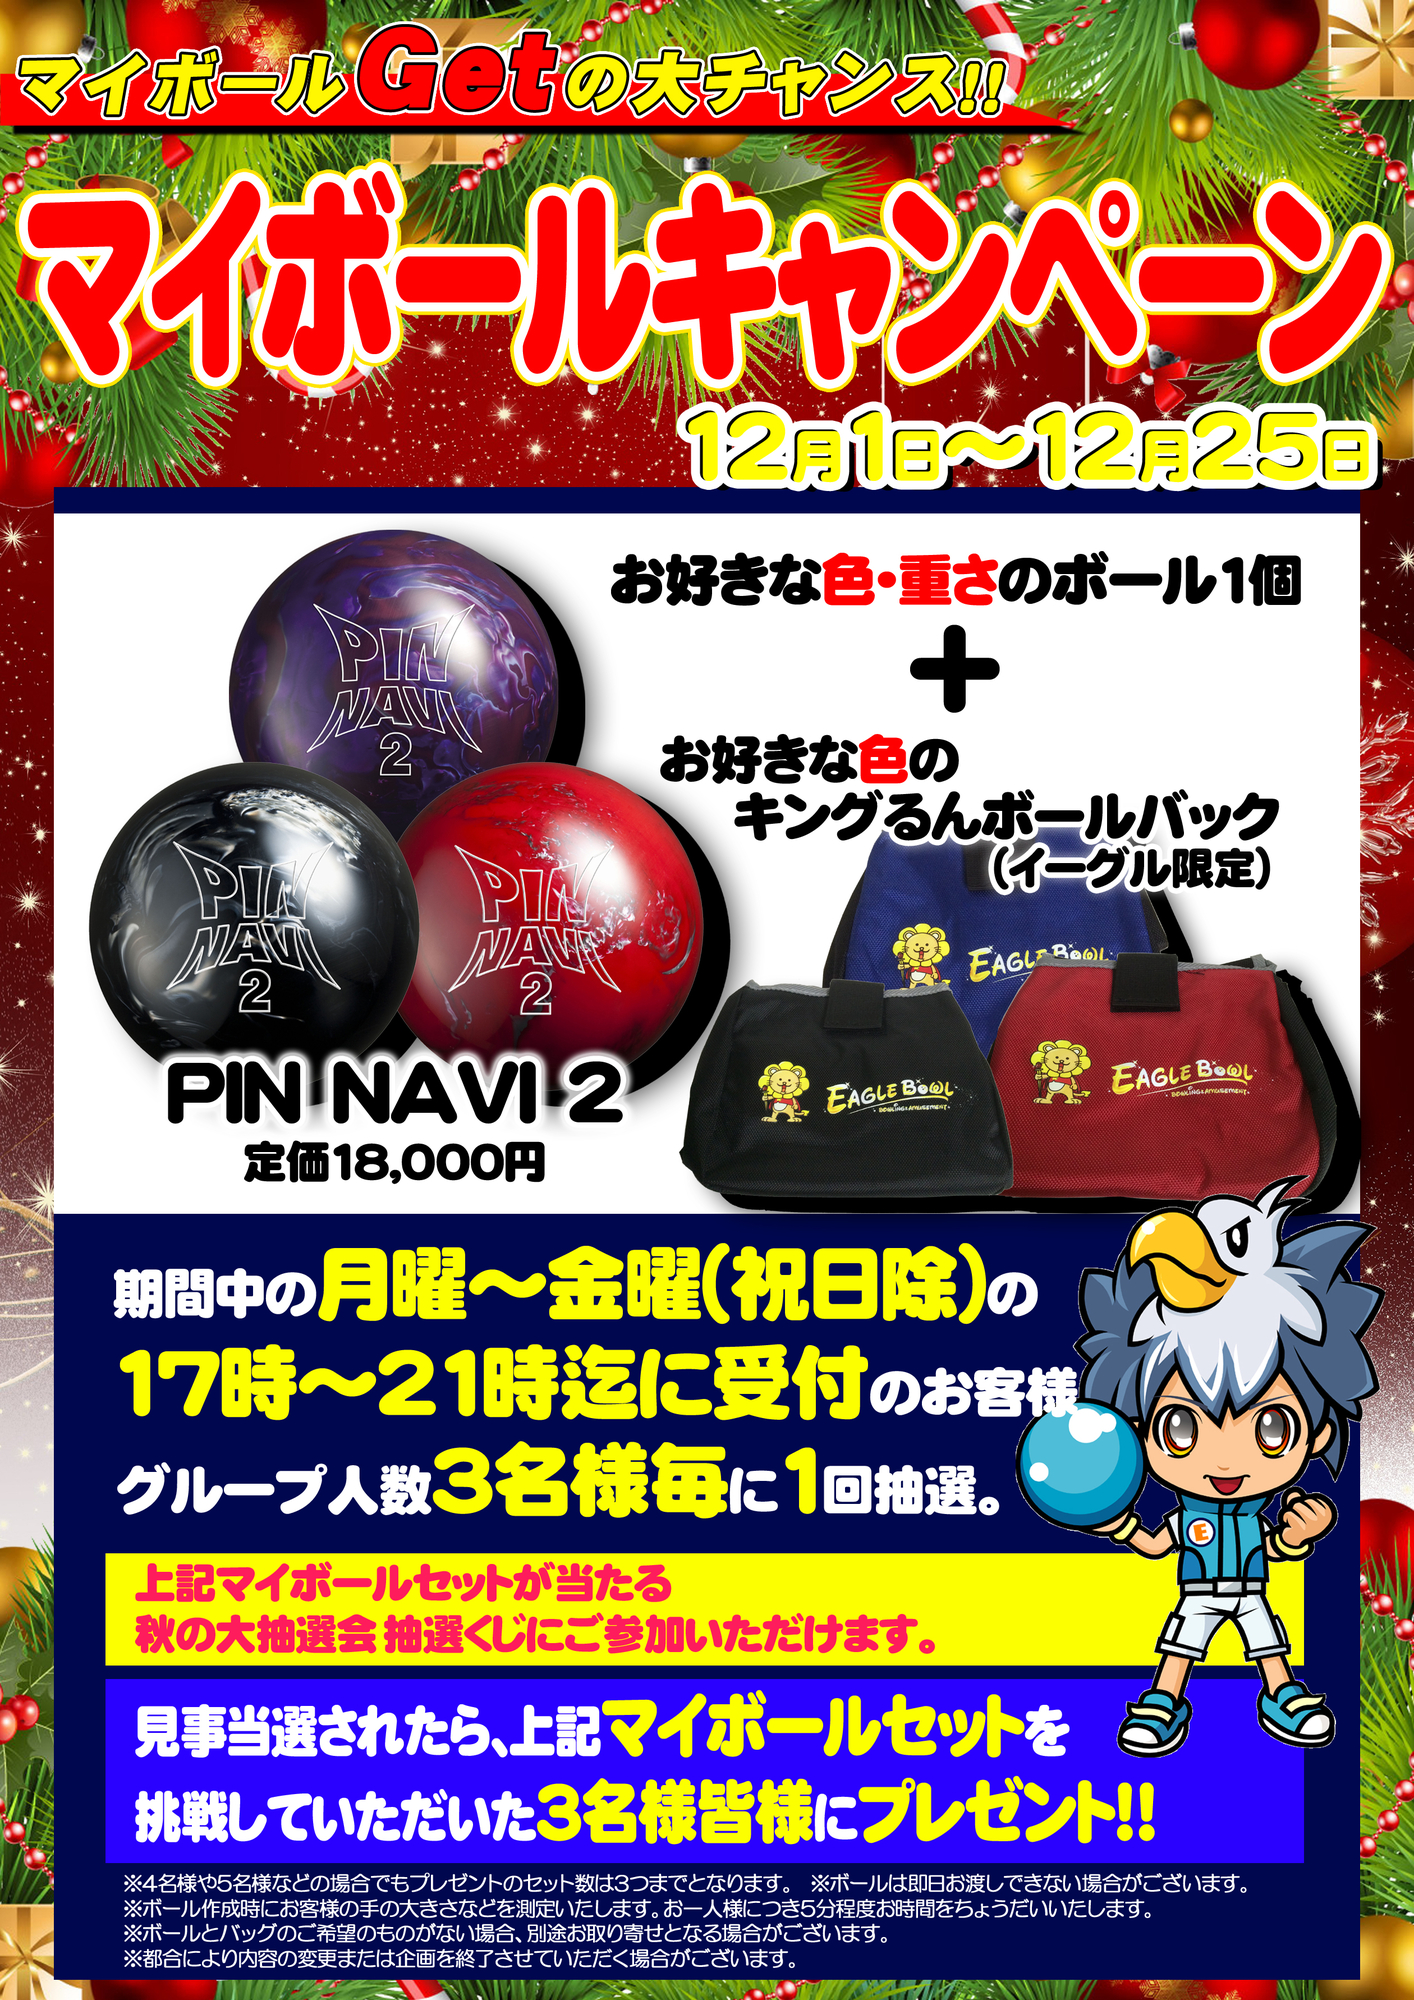 クリスマスマイボールキャンペーン